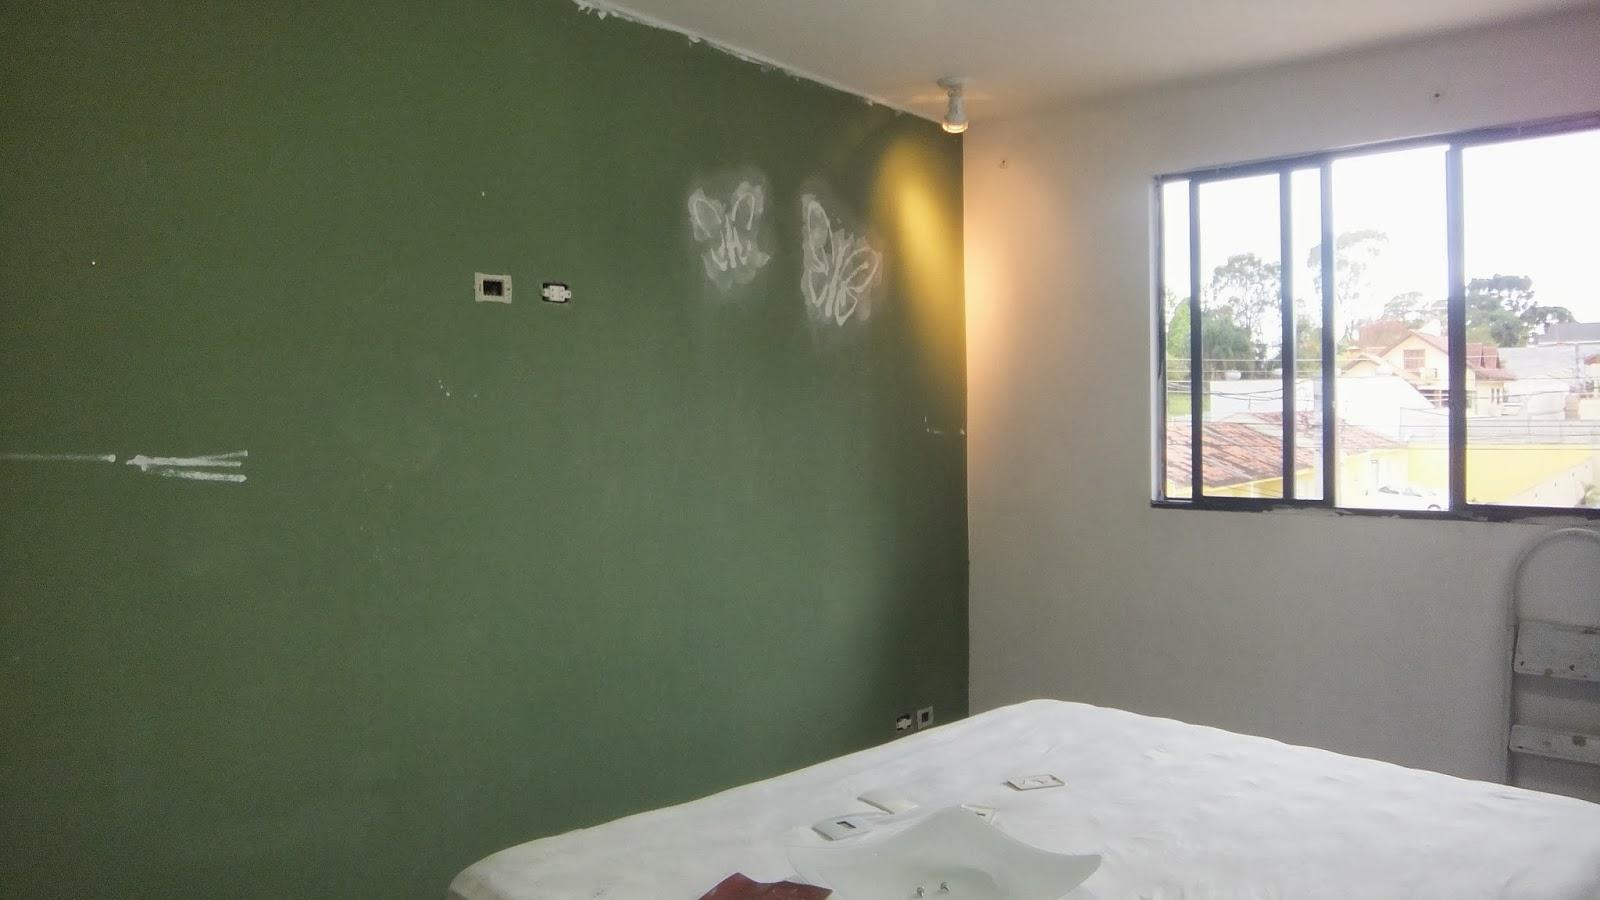 Outro ângulo já do quarto todo bagunçado mais é uma bagunça  #987733 1600 900